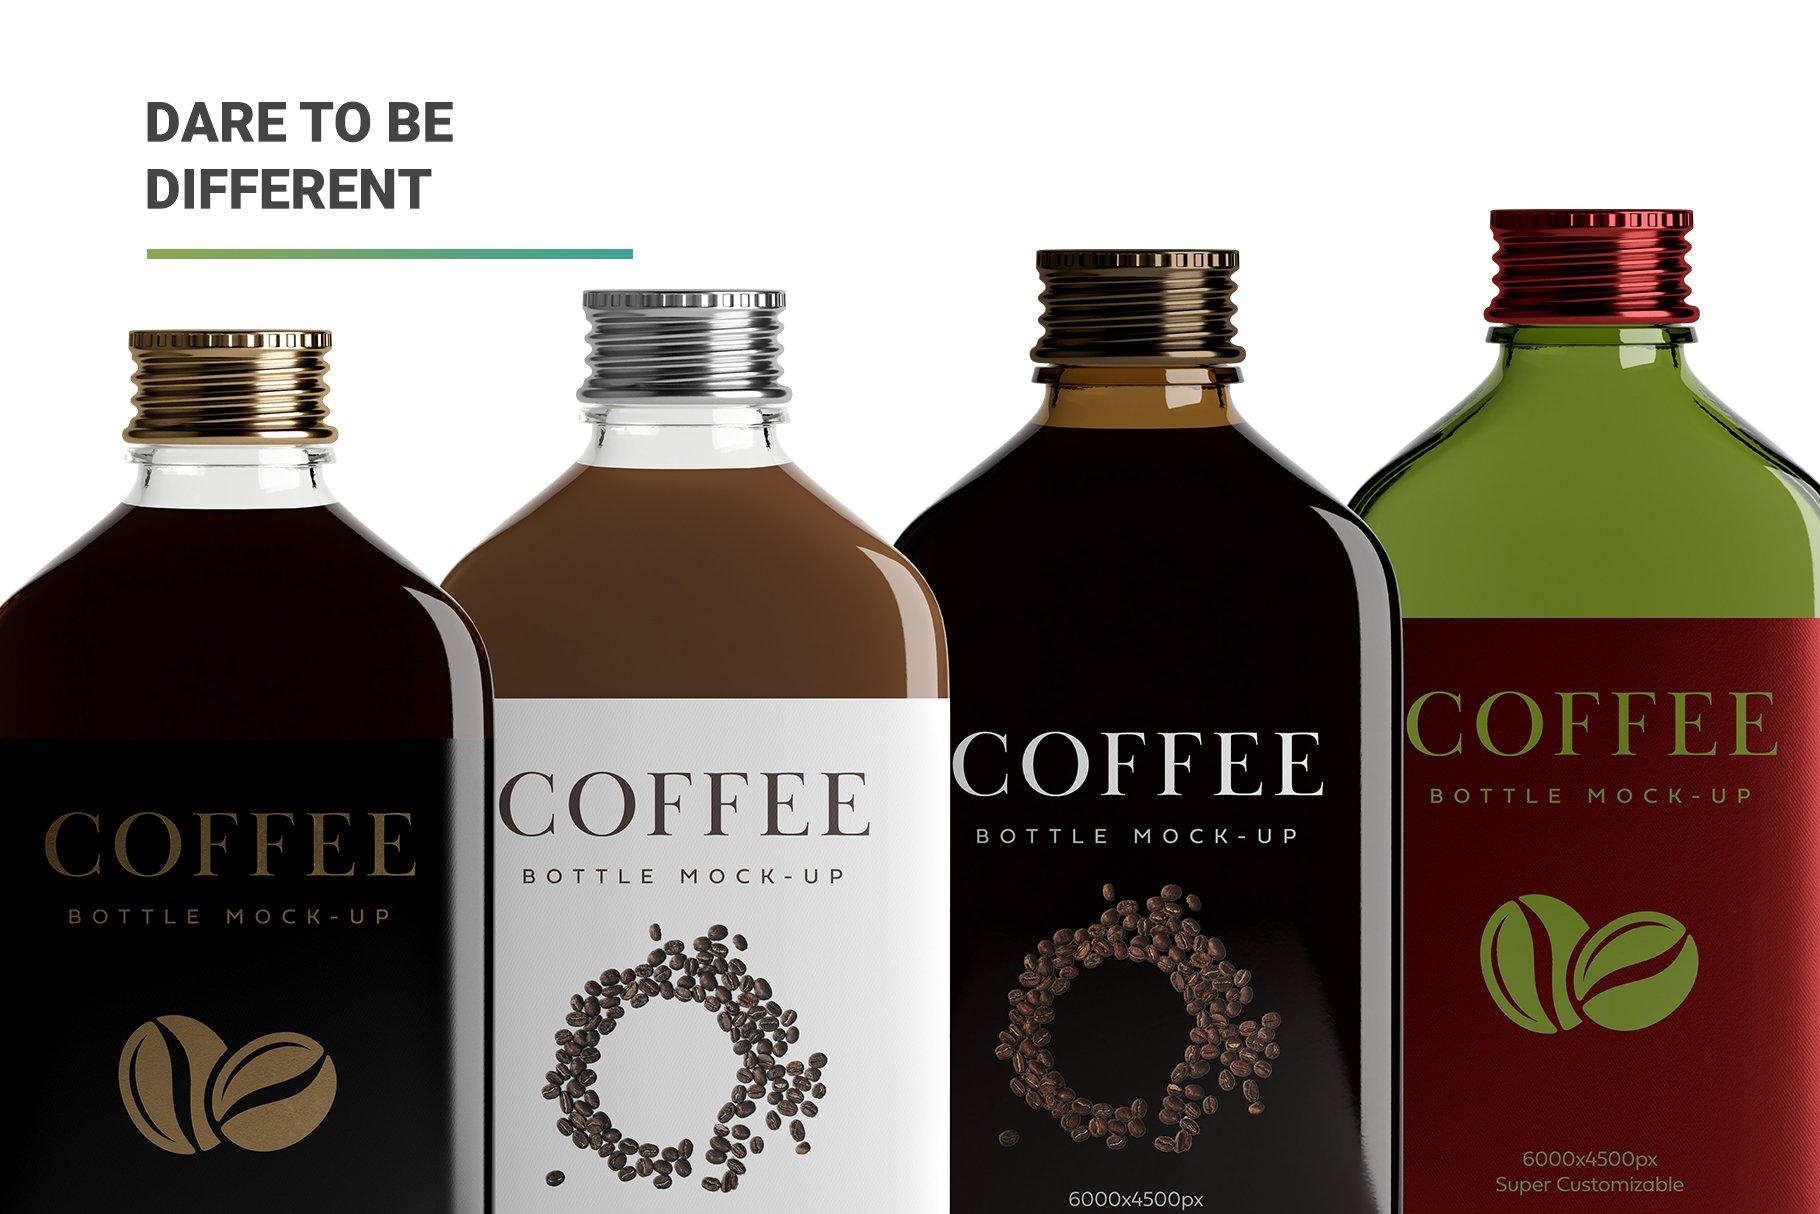 冷冲泡咖啡玻璃瓶标签设计展示贴图样机 Coffee Bottle Mockup插图10